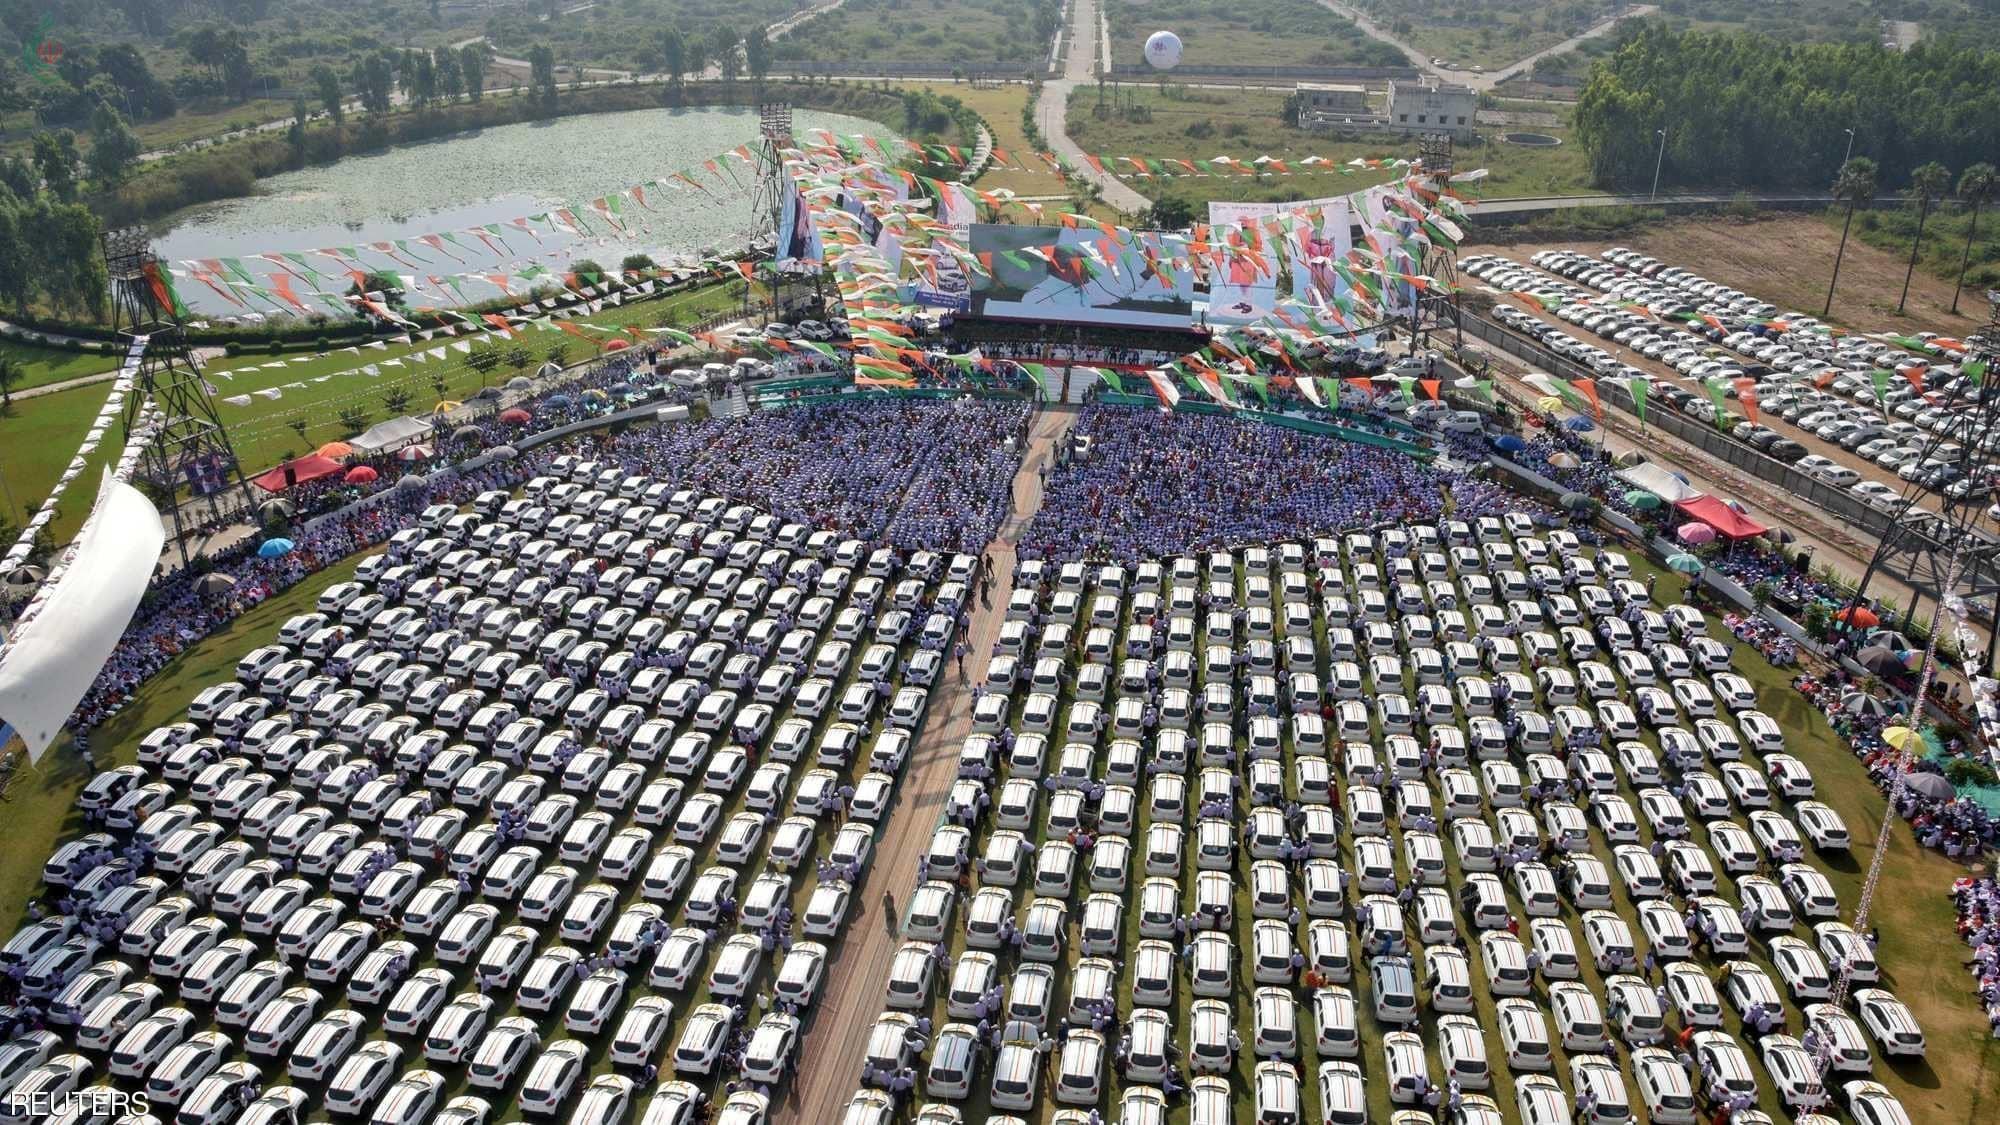 تاجر ألماس هندي يهدي 600 موظف مئات السيارات .. و 1000 موظف آخرين حصلوا على شقق وودائع نقدية